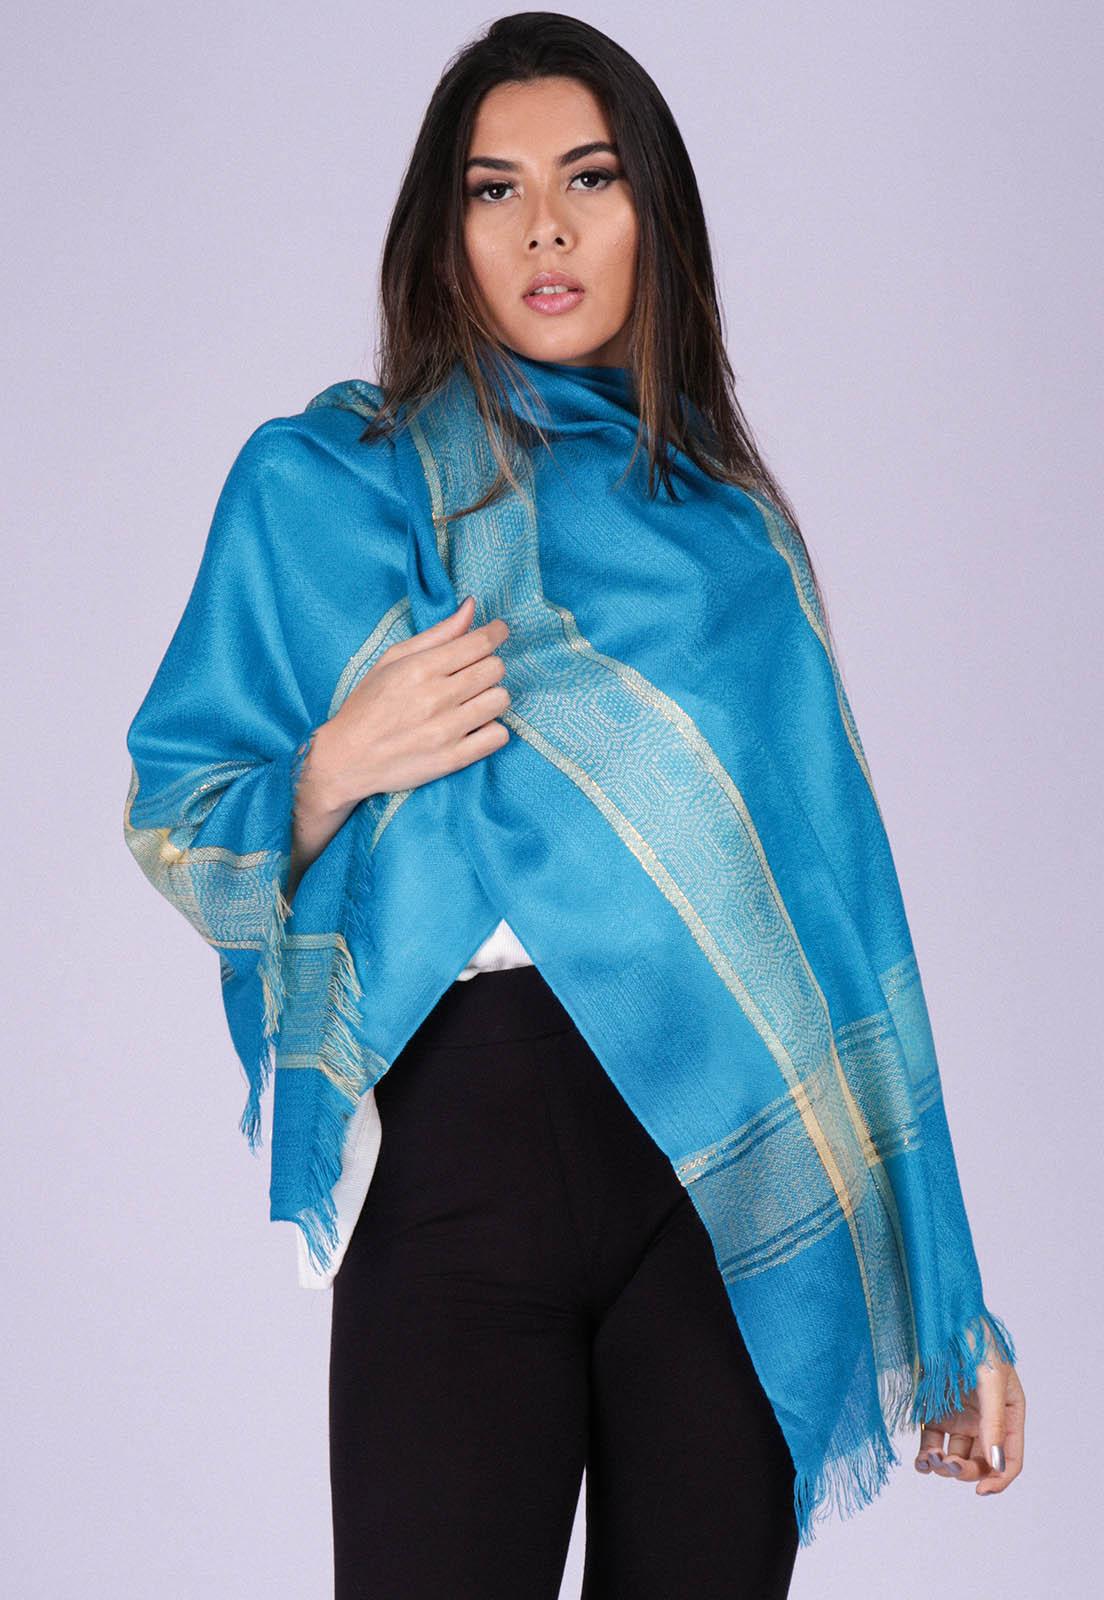 Echarpe Lenço Feminino Detalhe Dourado Panamá Azul Capri